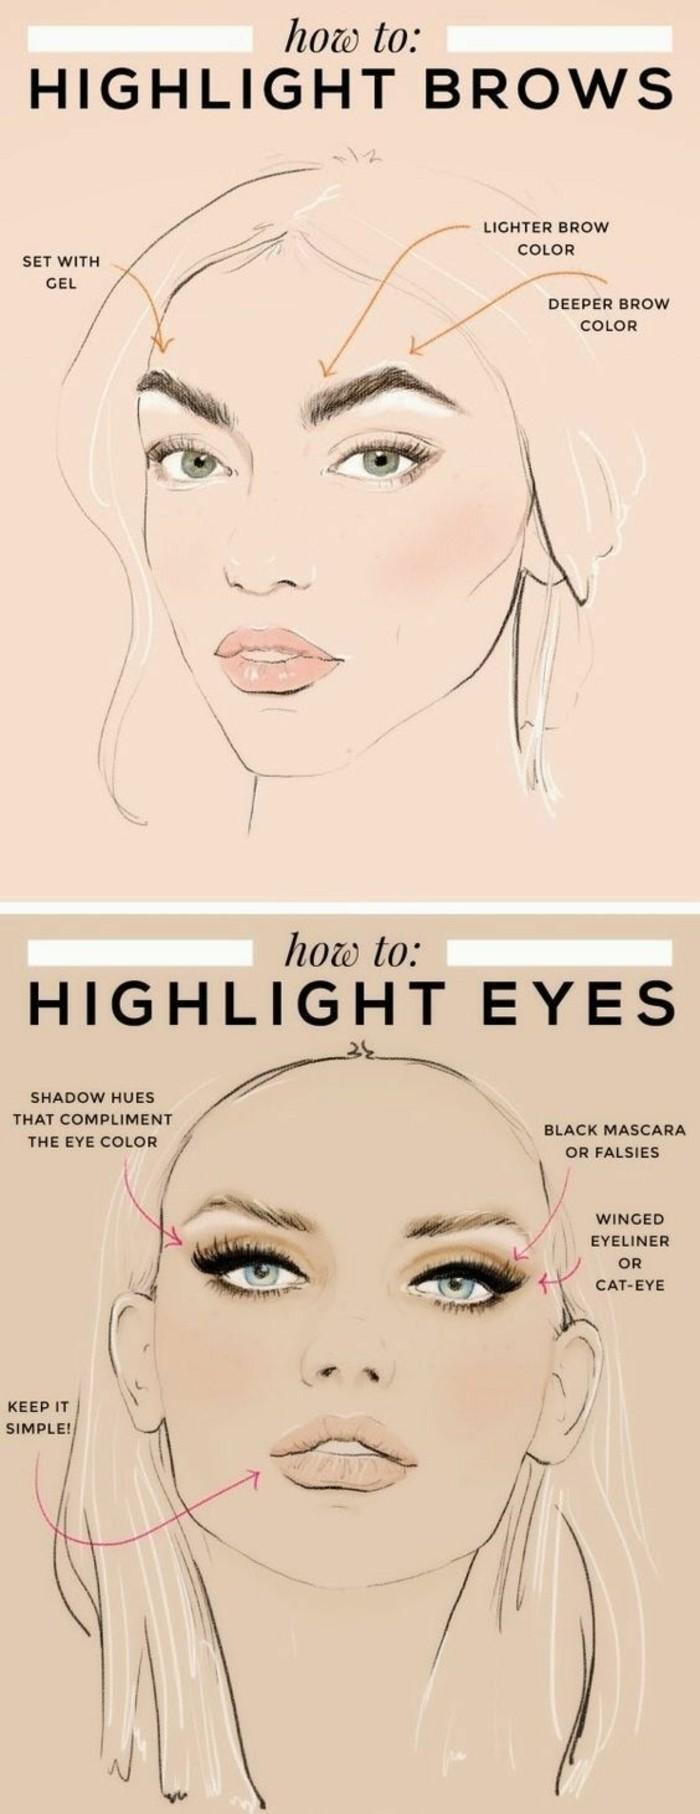 0-tuto-maquillage-yeux-maquillage-yeux-de-biche-comment-réussir-le-meilleur-maquillage